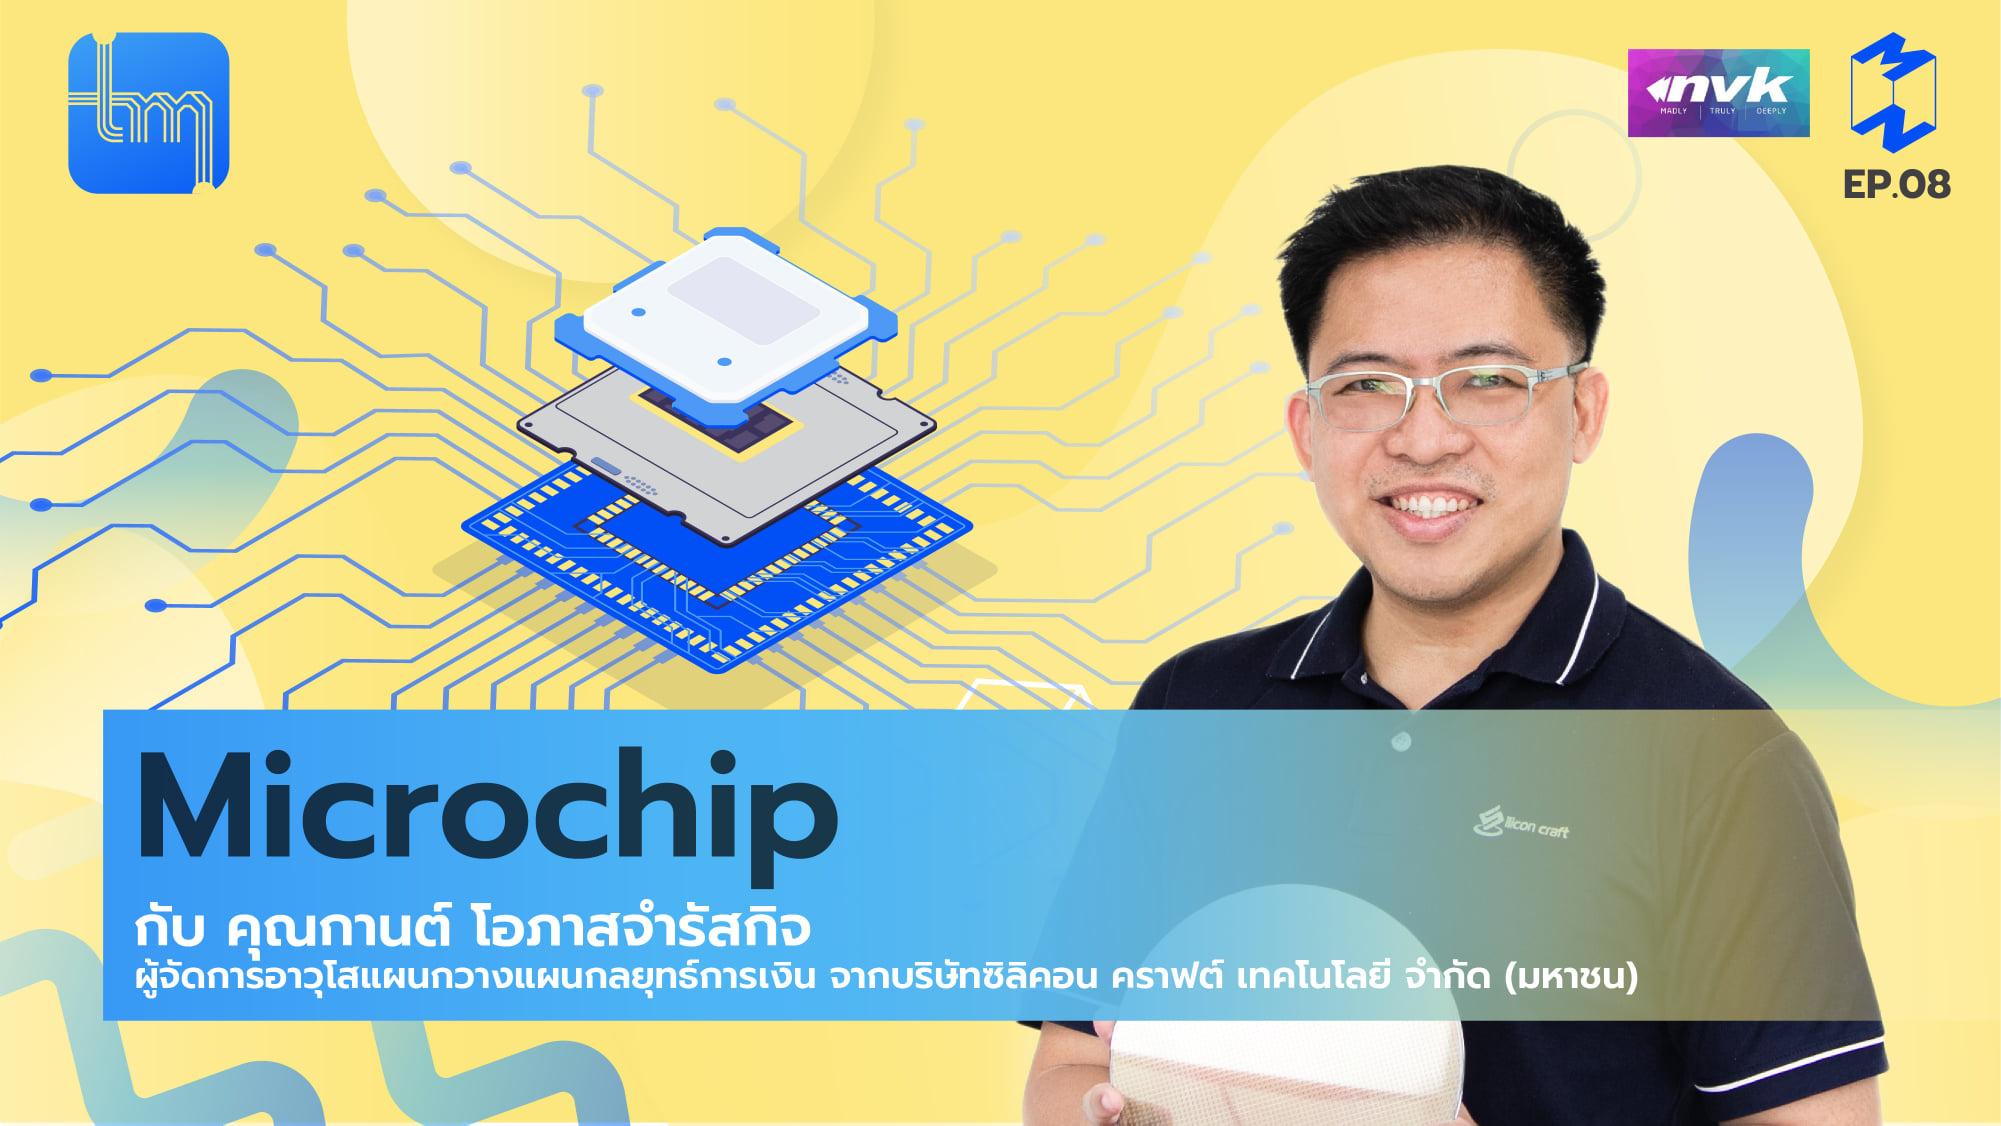 คุยเรื่อง Microchip กับคุณกานต์ โอภาสจำรัสกิจ อนาคตอุตสาหกรรมของ Microchip จะไปทางไหน [Tech Monday EP.8]